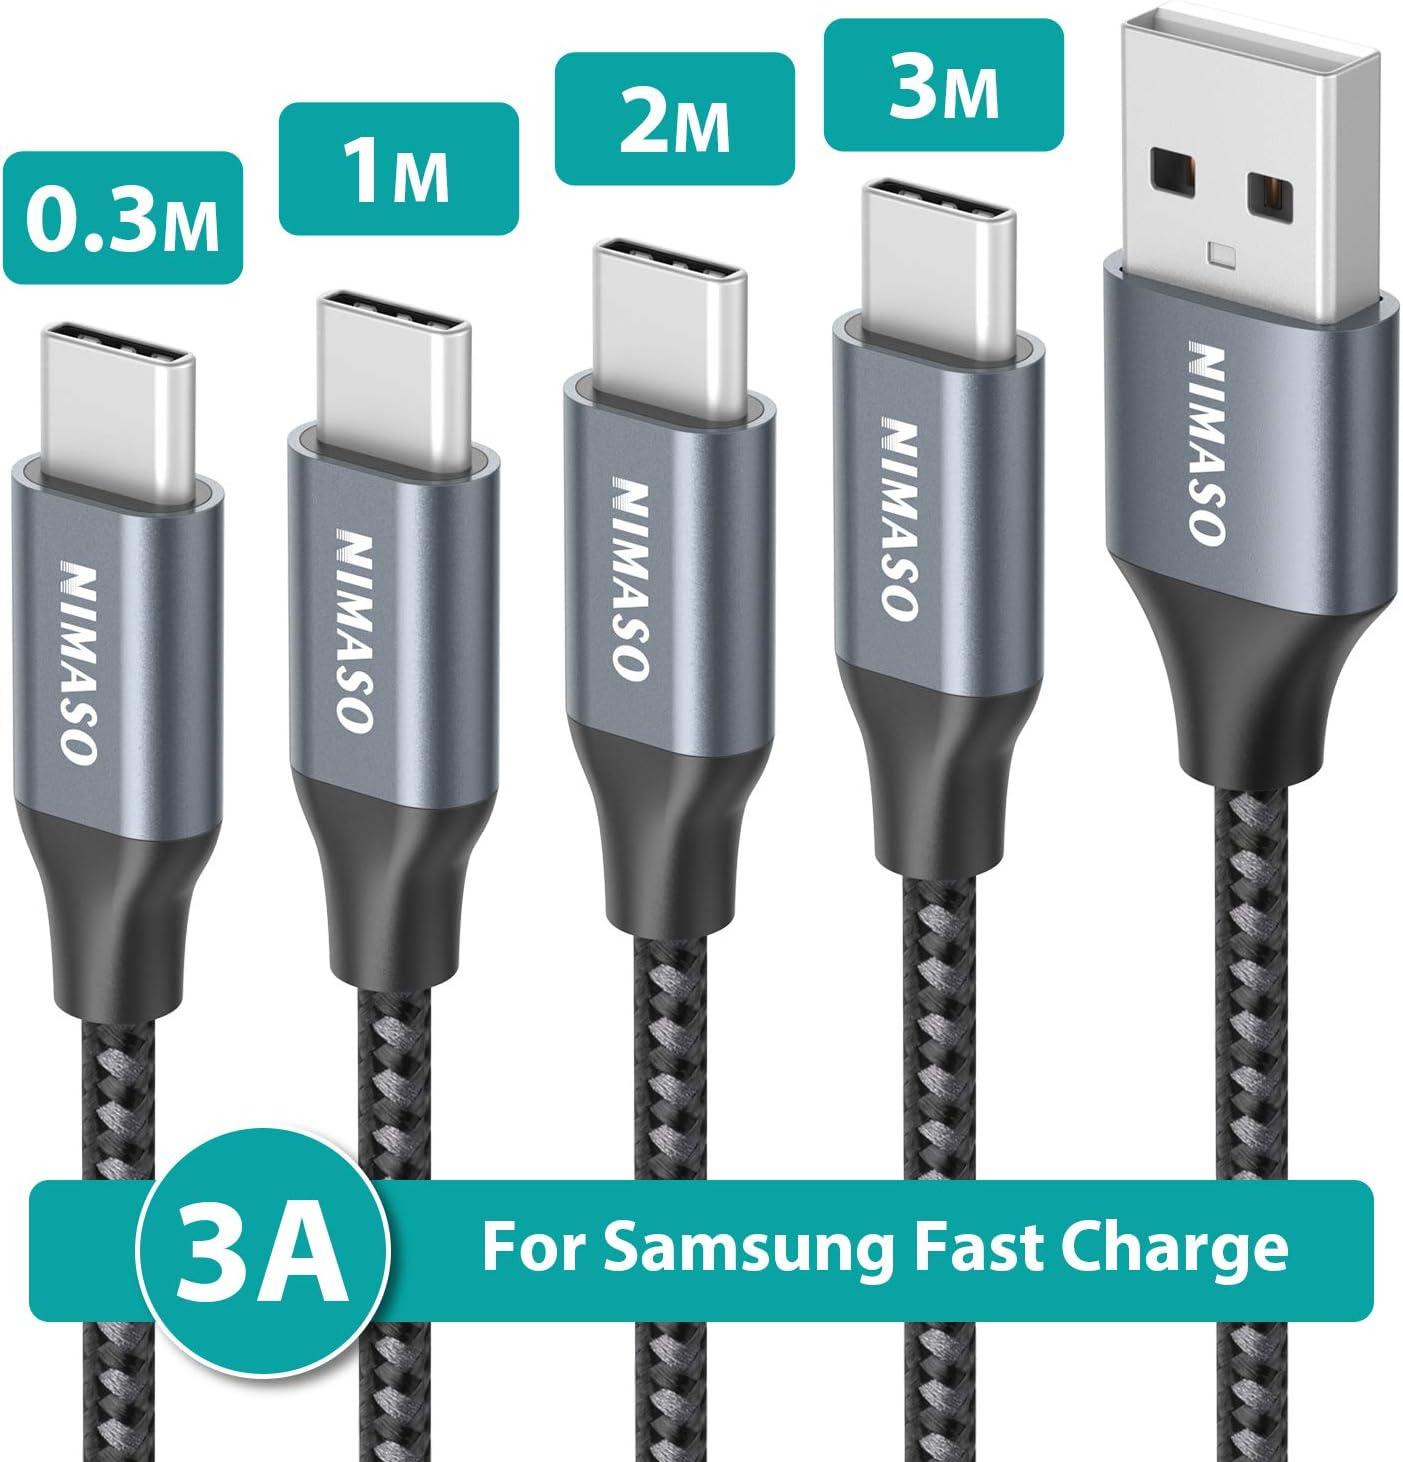 NIMASO Cable USB C 3A[4 Pack 0.3M+1M+2M+3M],Cable USB Tipo C para Carga y Sincronización Rápidas,Cargador Tipo C es Compatible con Samsung S10 S9 S8 A50 A70,Huawei P30 P20 Mate 20,Xiaomi Redmi Note 7